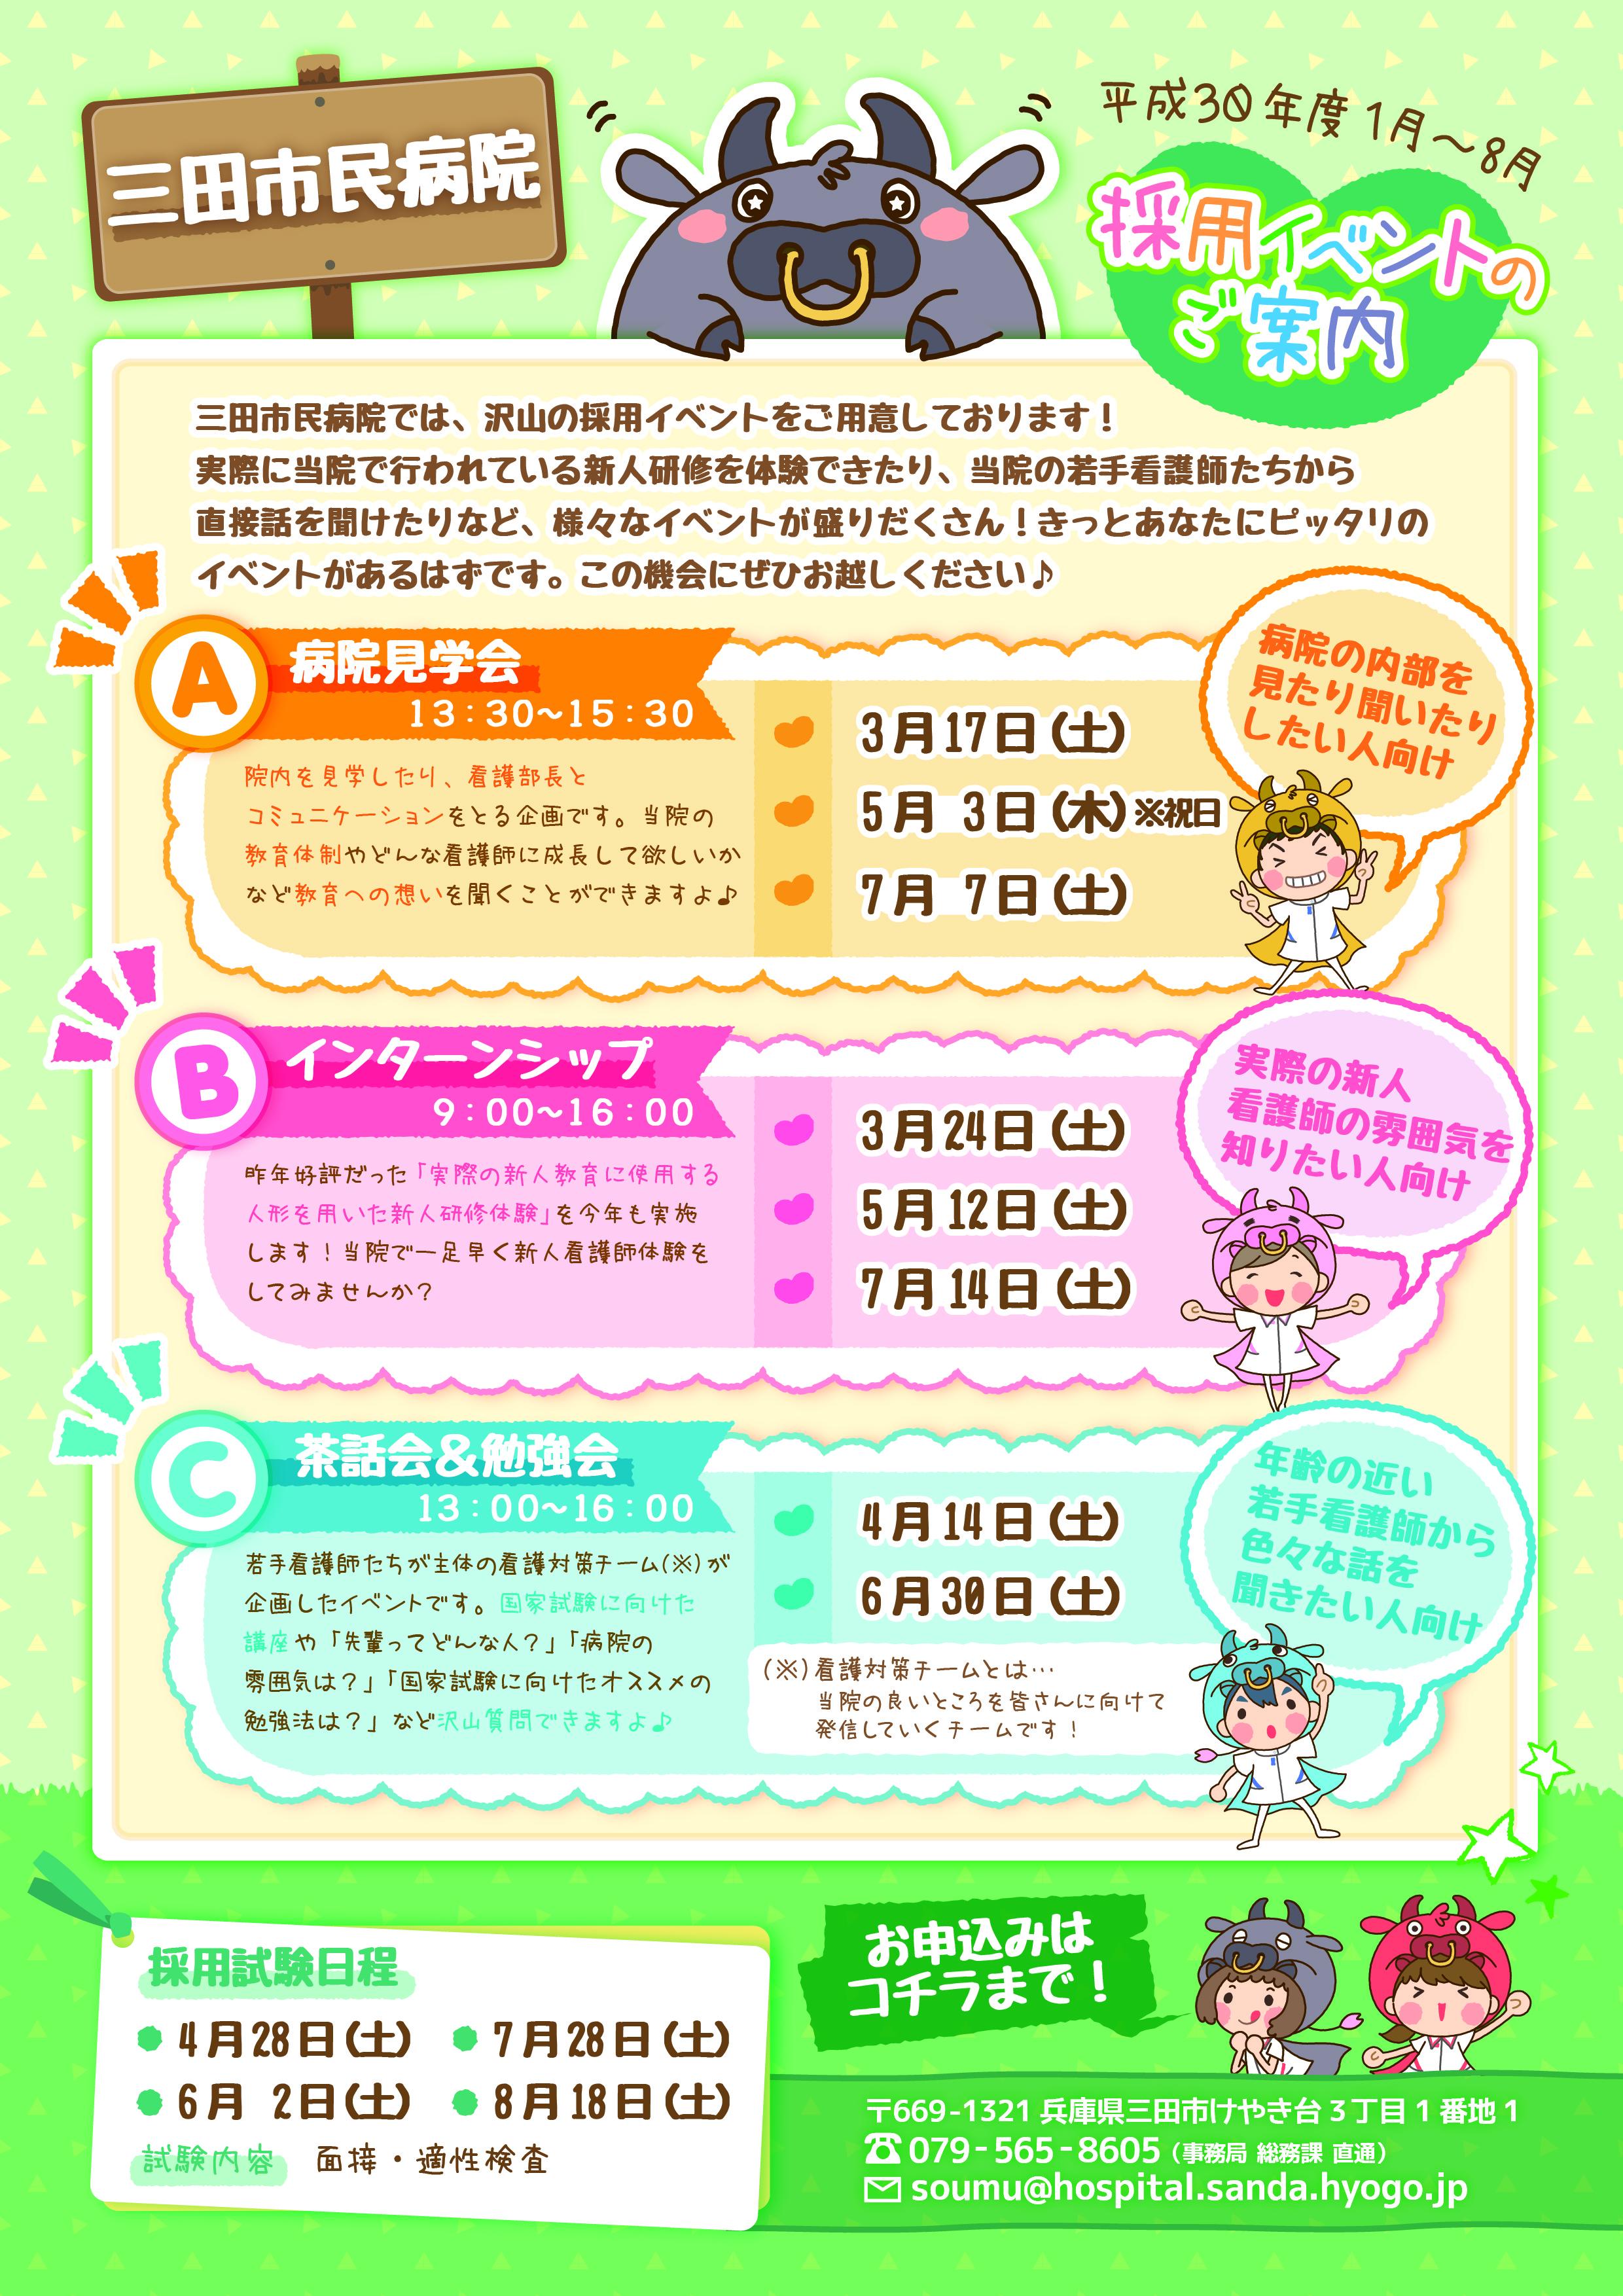 180109三田市民病院様_平成30年度の採用イベントチラシver13.jpg